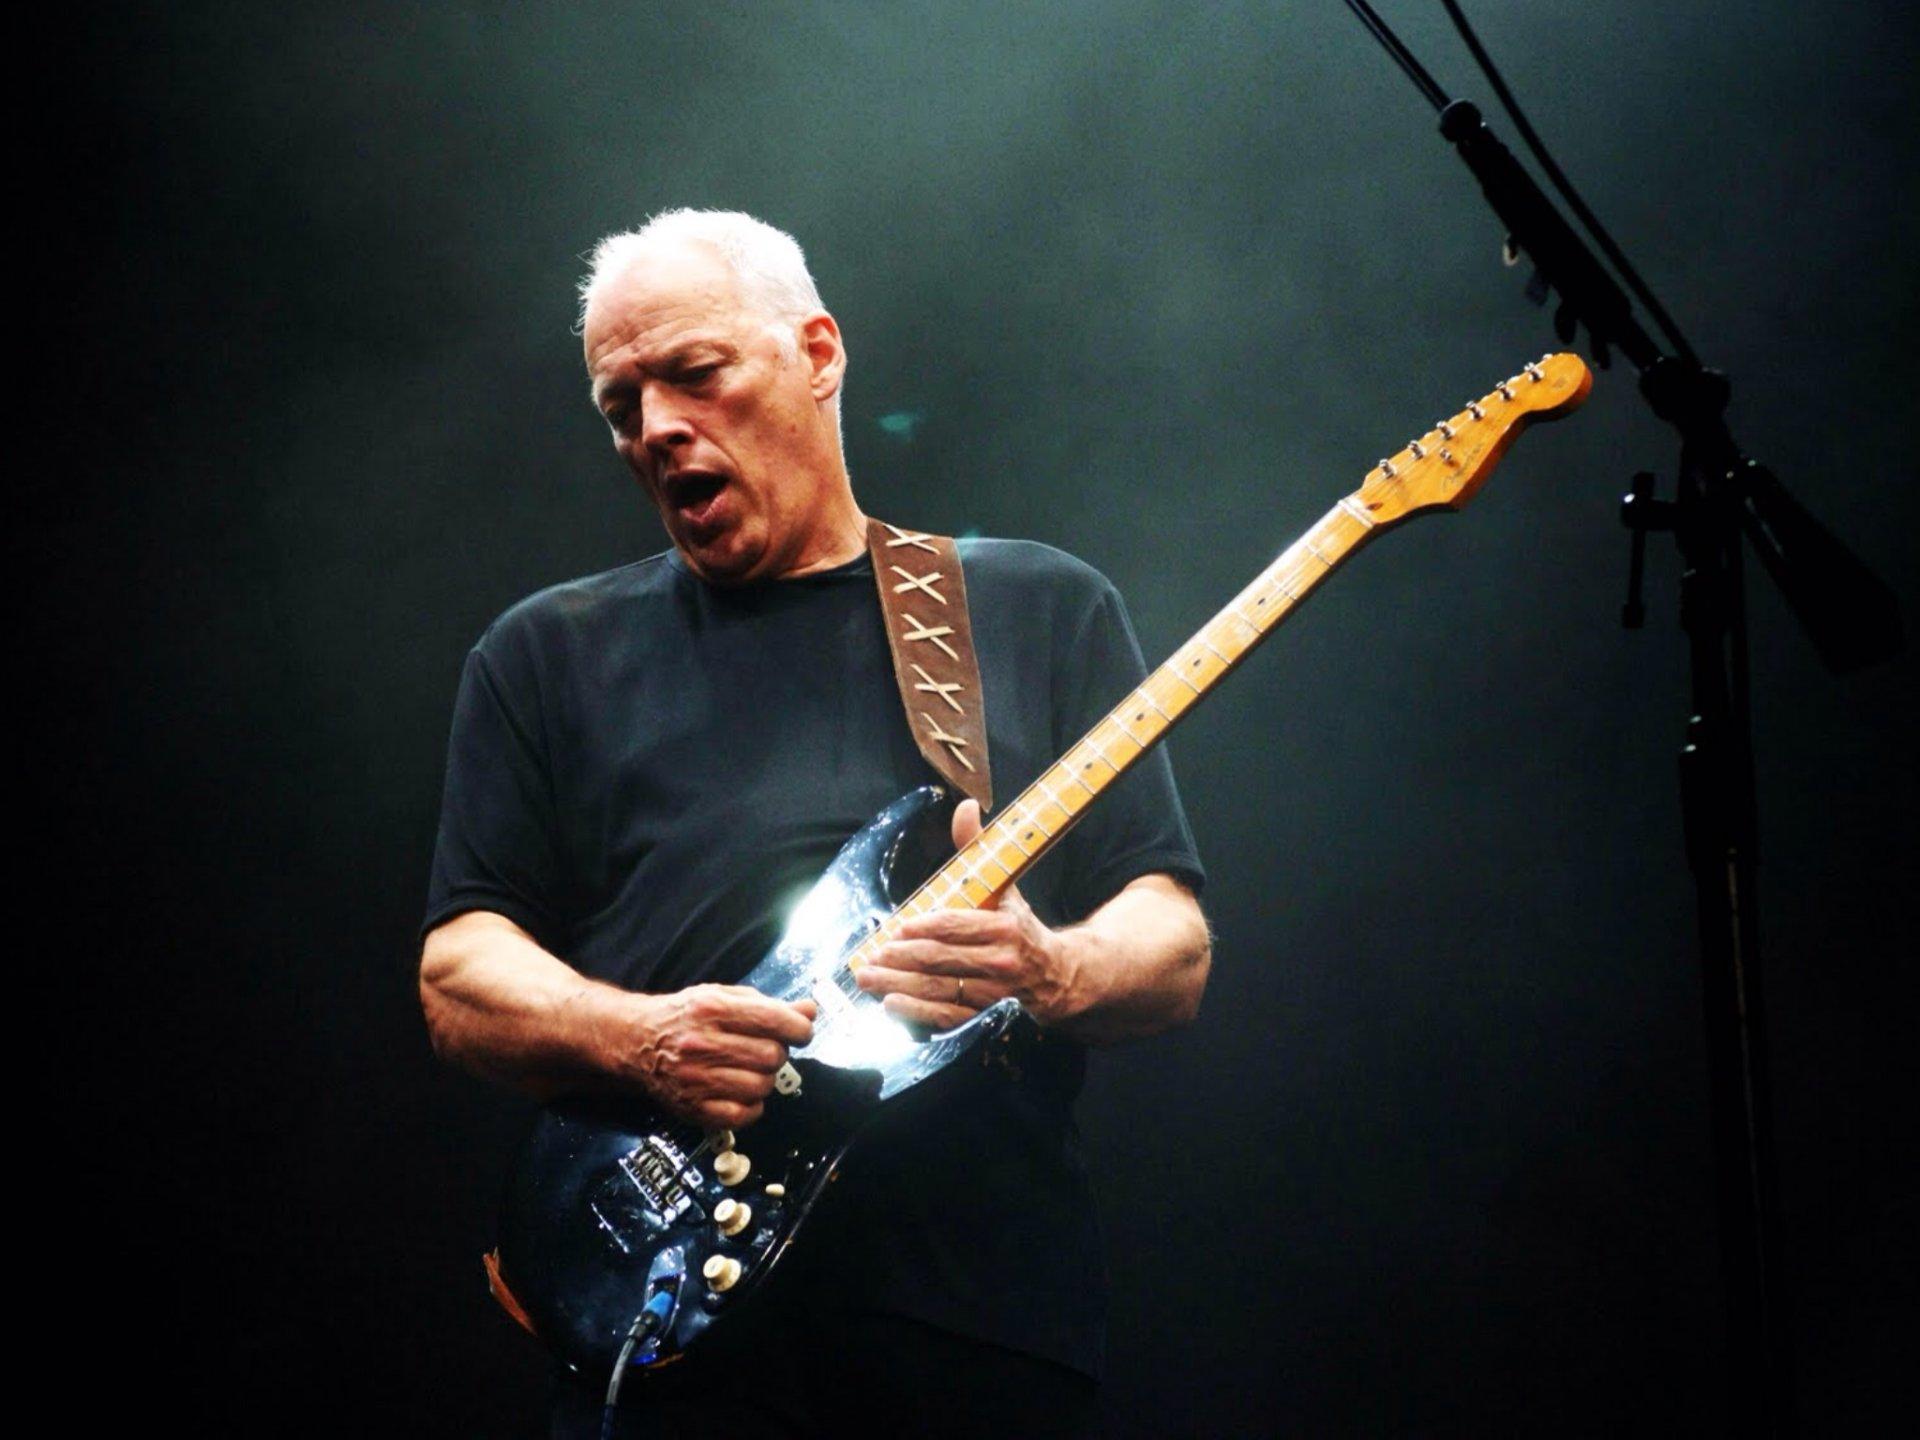 3 David Gilmour Fondos De Pantalla Hd Fondos De Escritorio